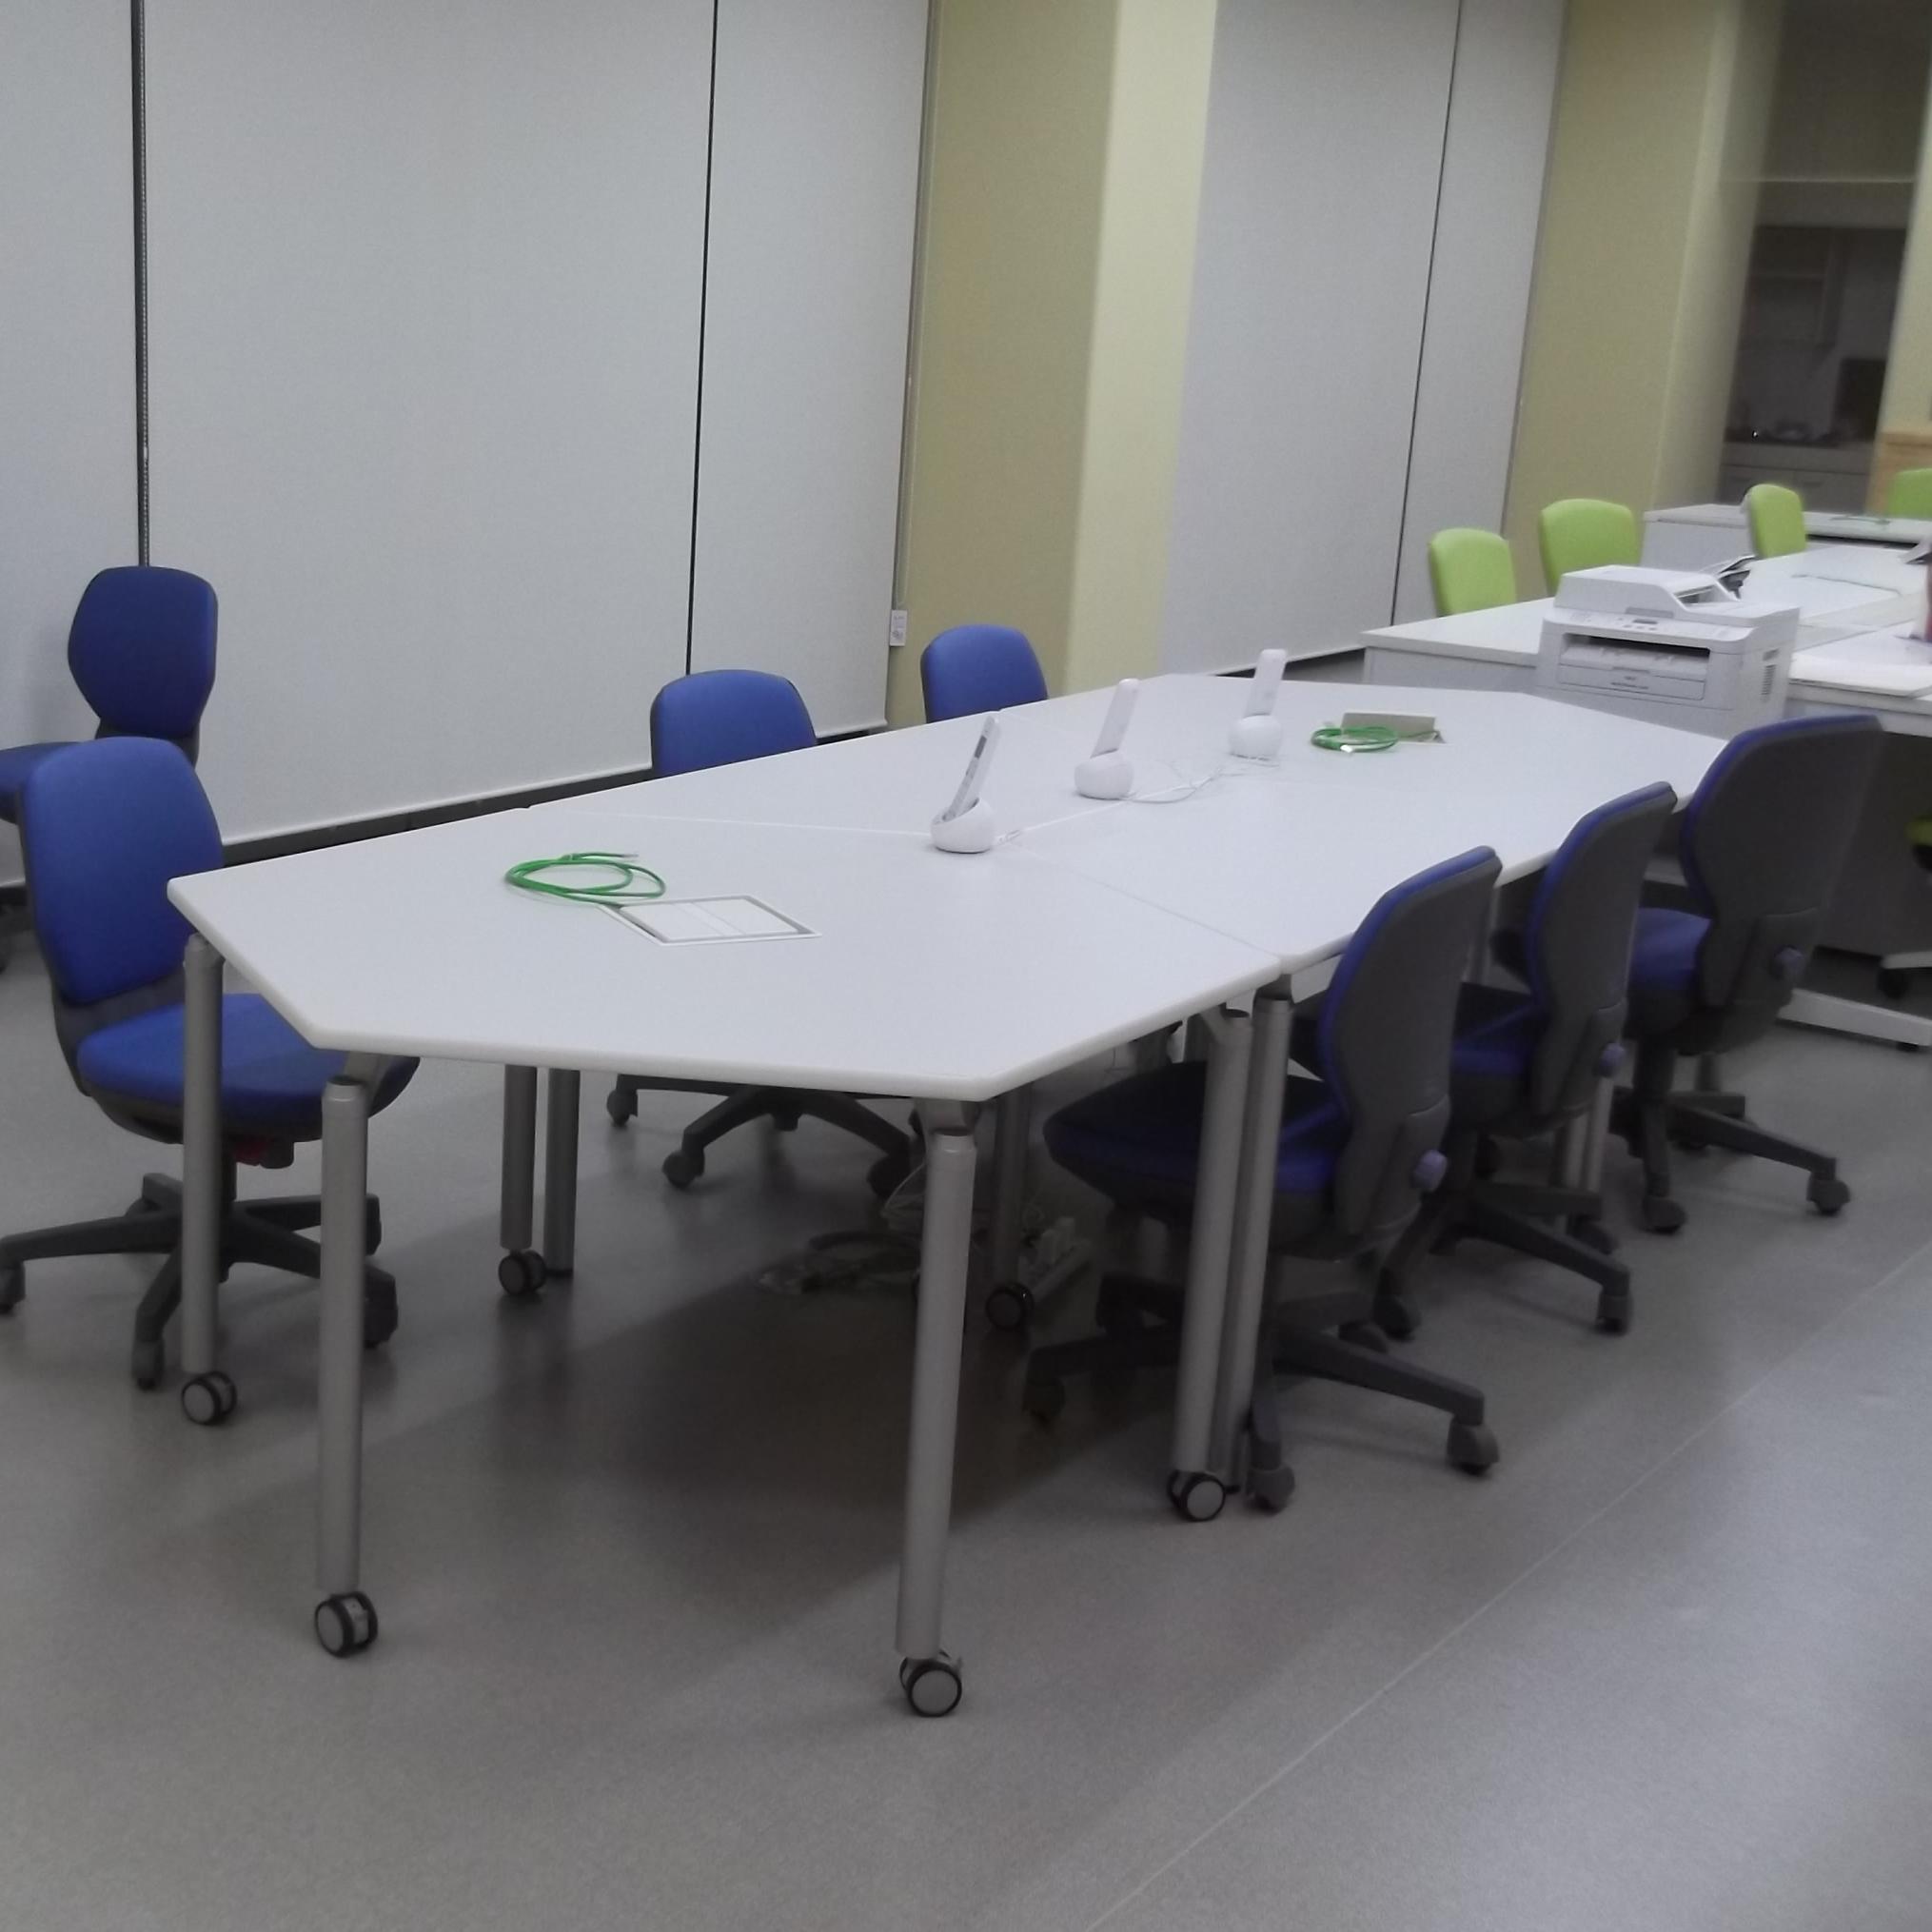 香川県高松市内の新設オフィス向け六角形・台形テーブル